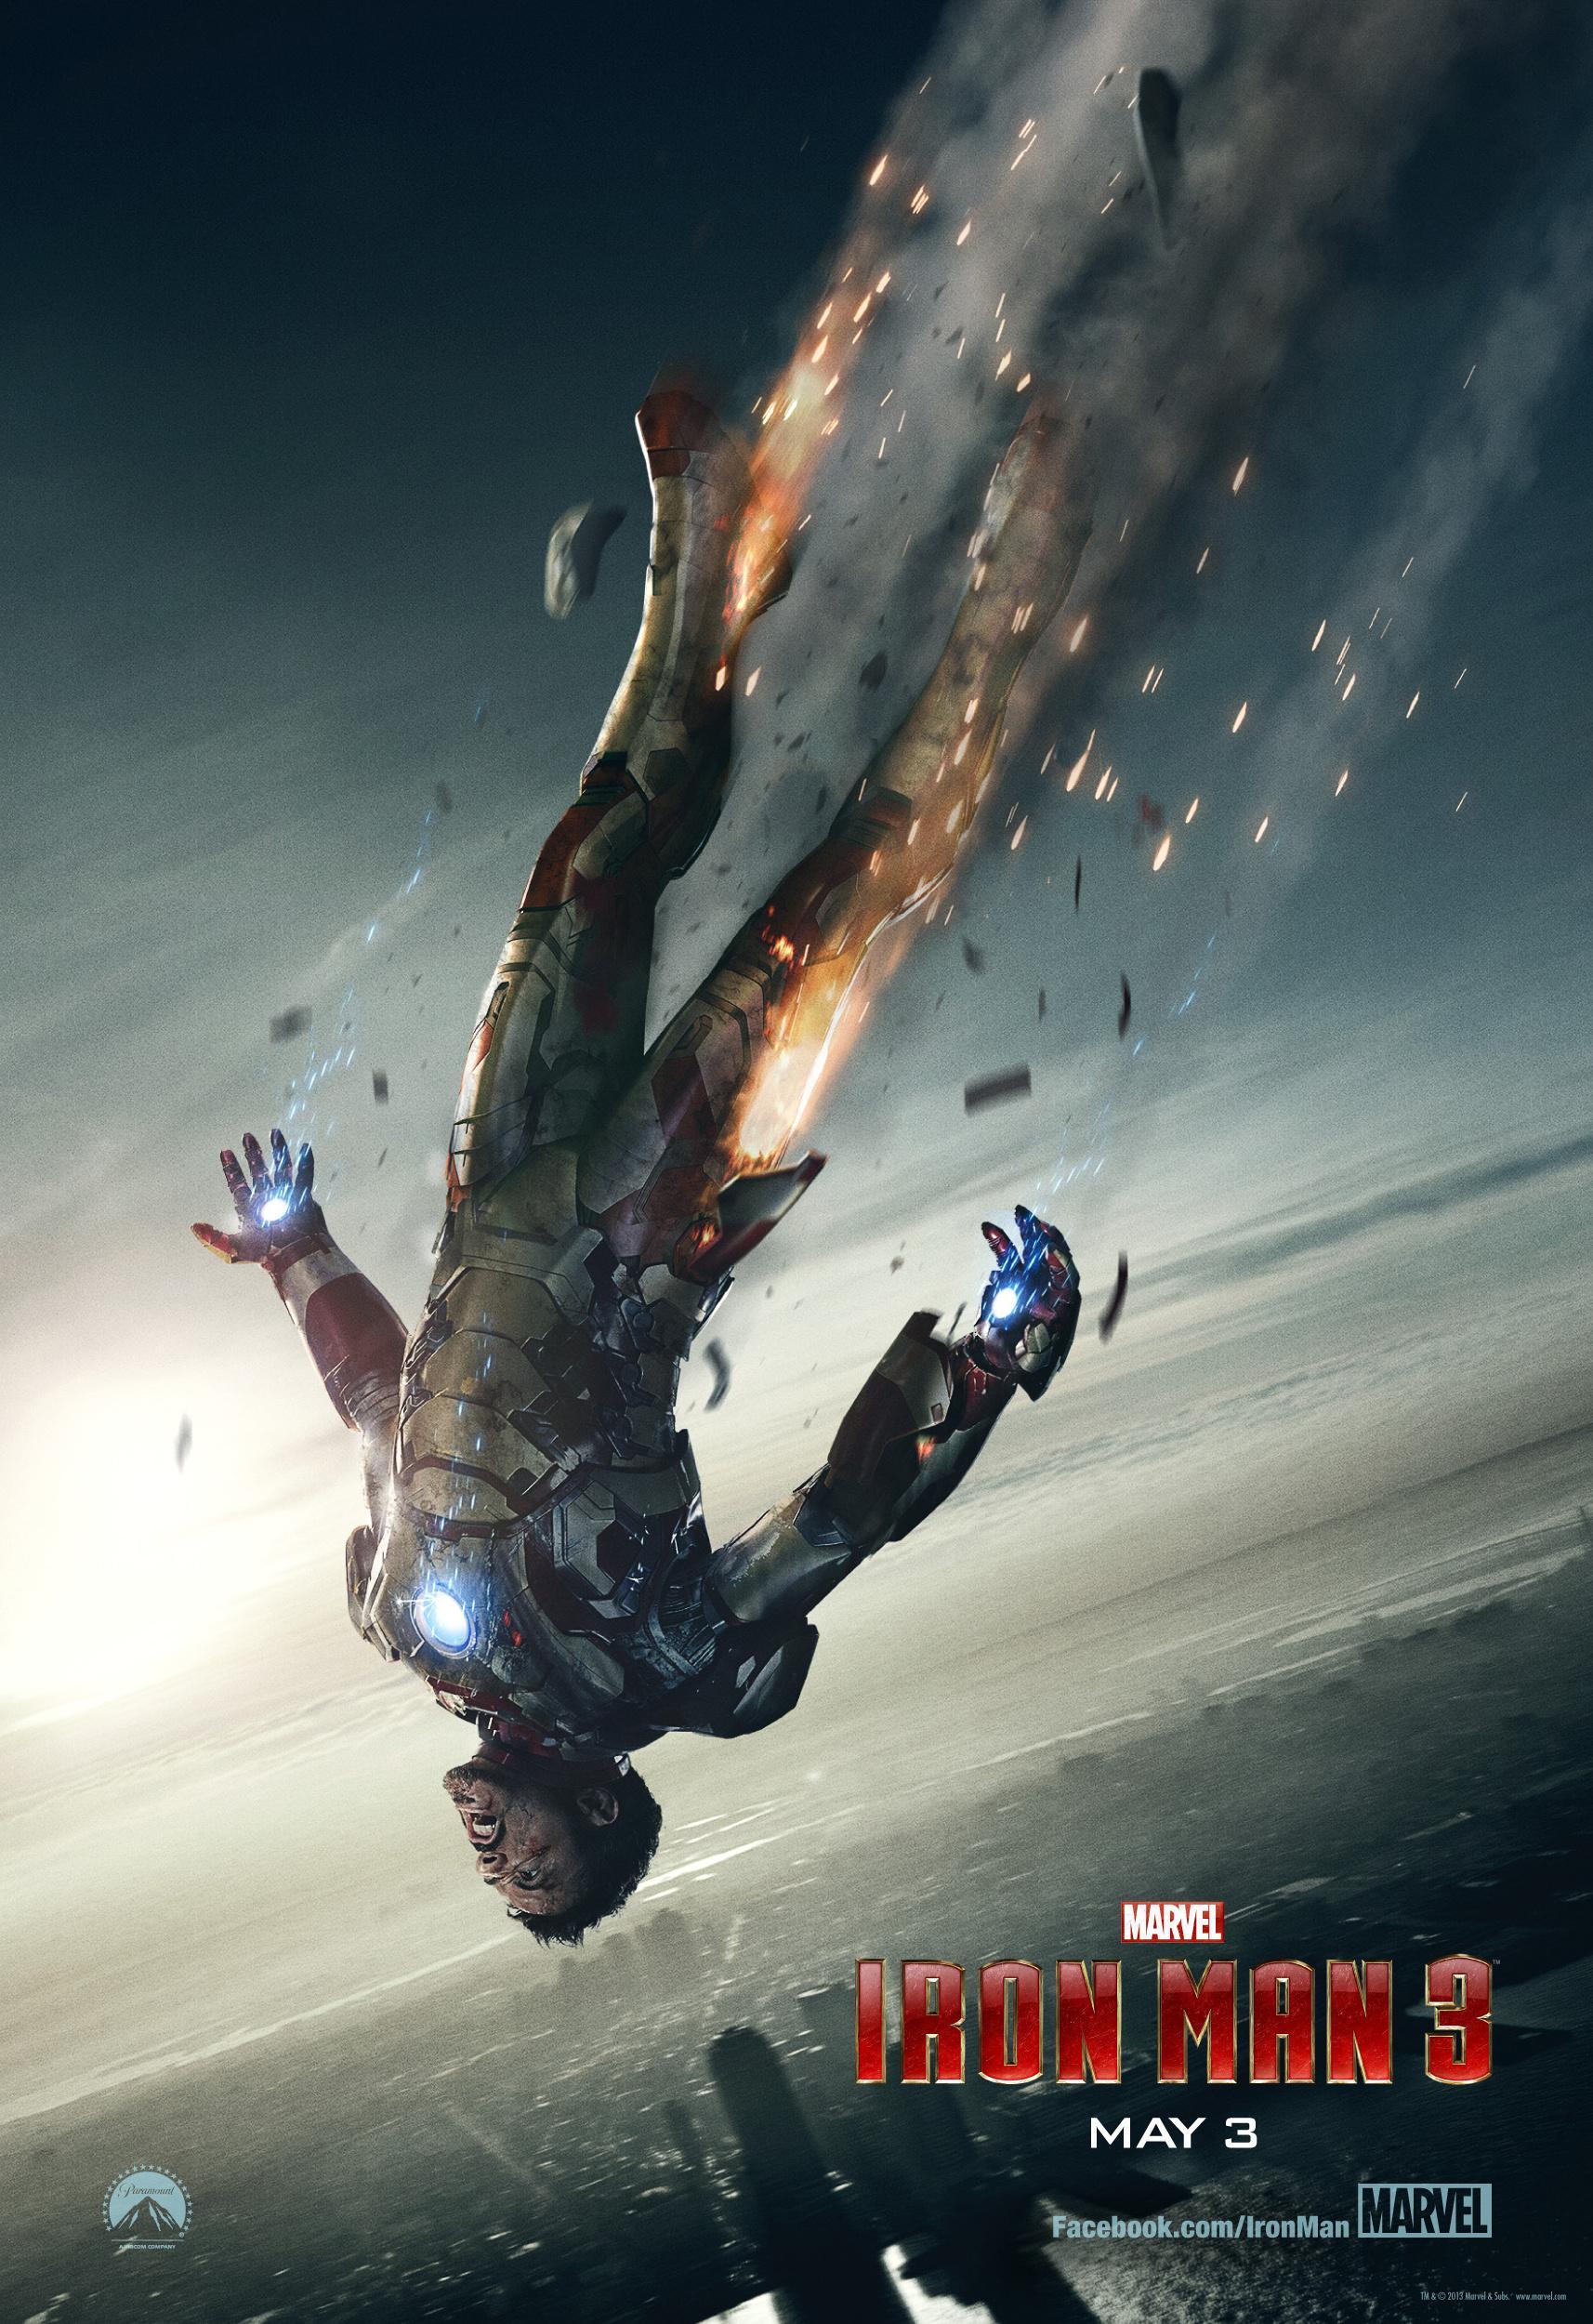 《钢铁侠3》(Iron Man 3)发布新款海报 唐尼碎甲高空坠落